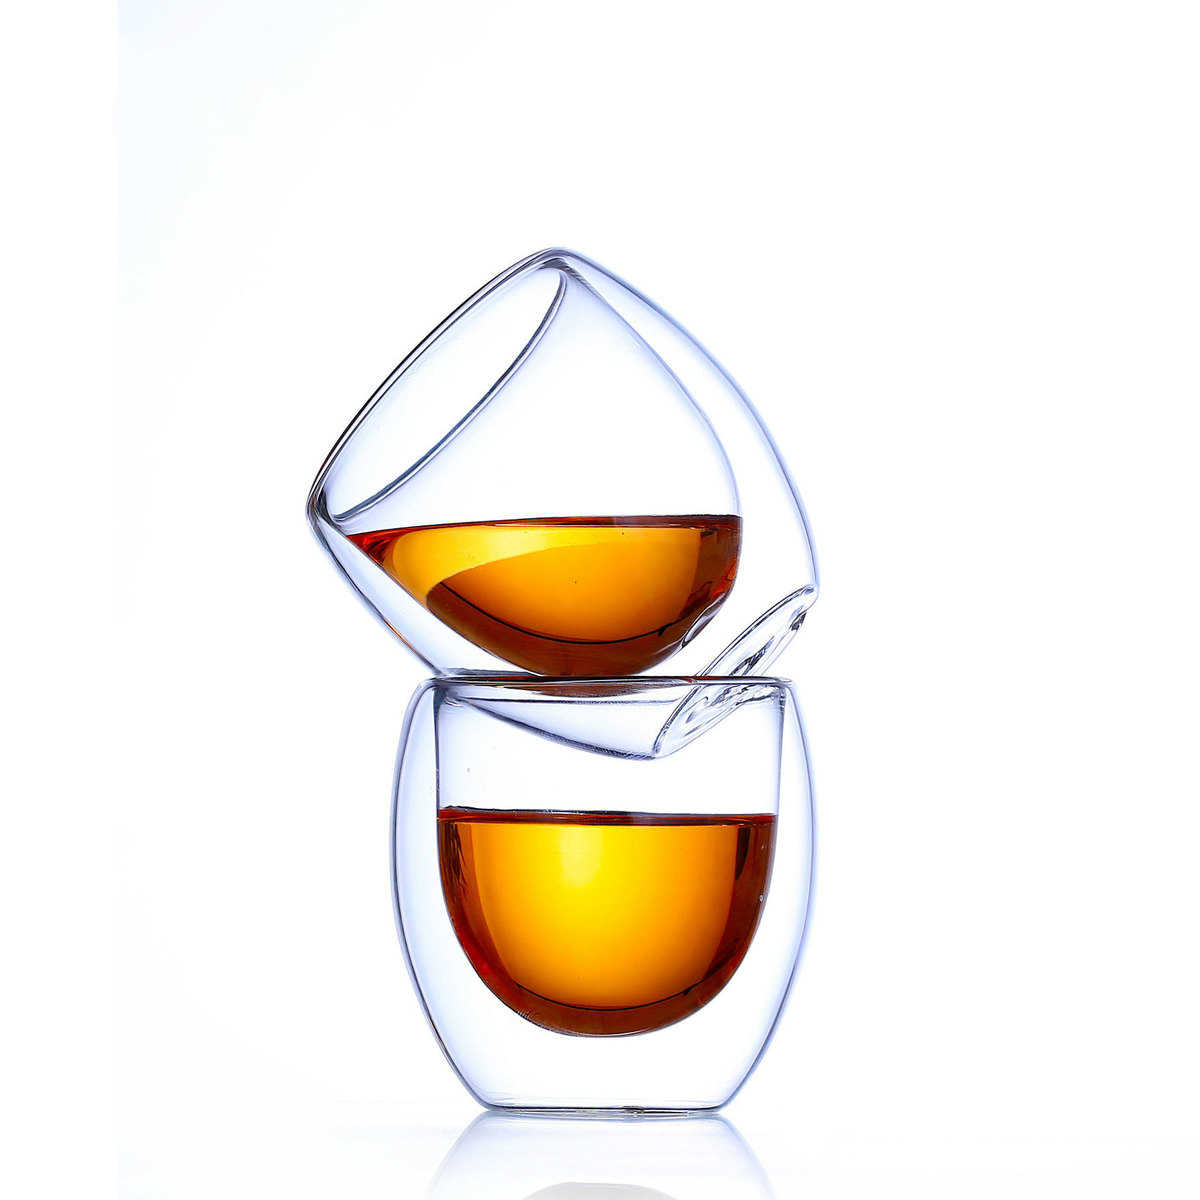 Горячая продажа 6 шт. Bodum Pavina дизайн кофе бокал для вина es чамборд чашка круглый яйцо стекло десерт сок бар кружки для кафе Copo Nmd чашка